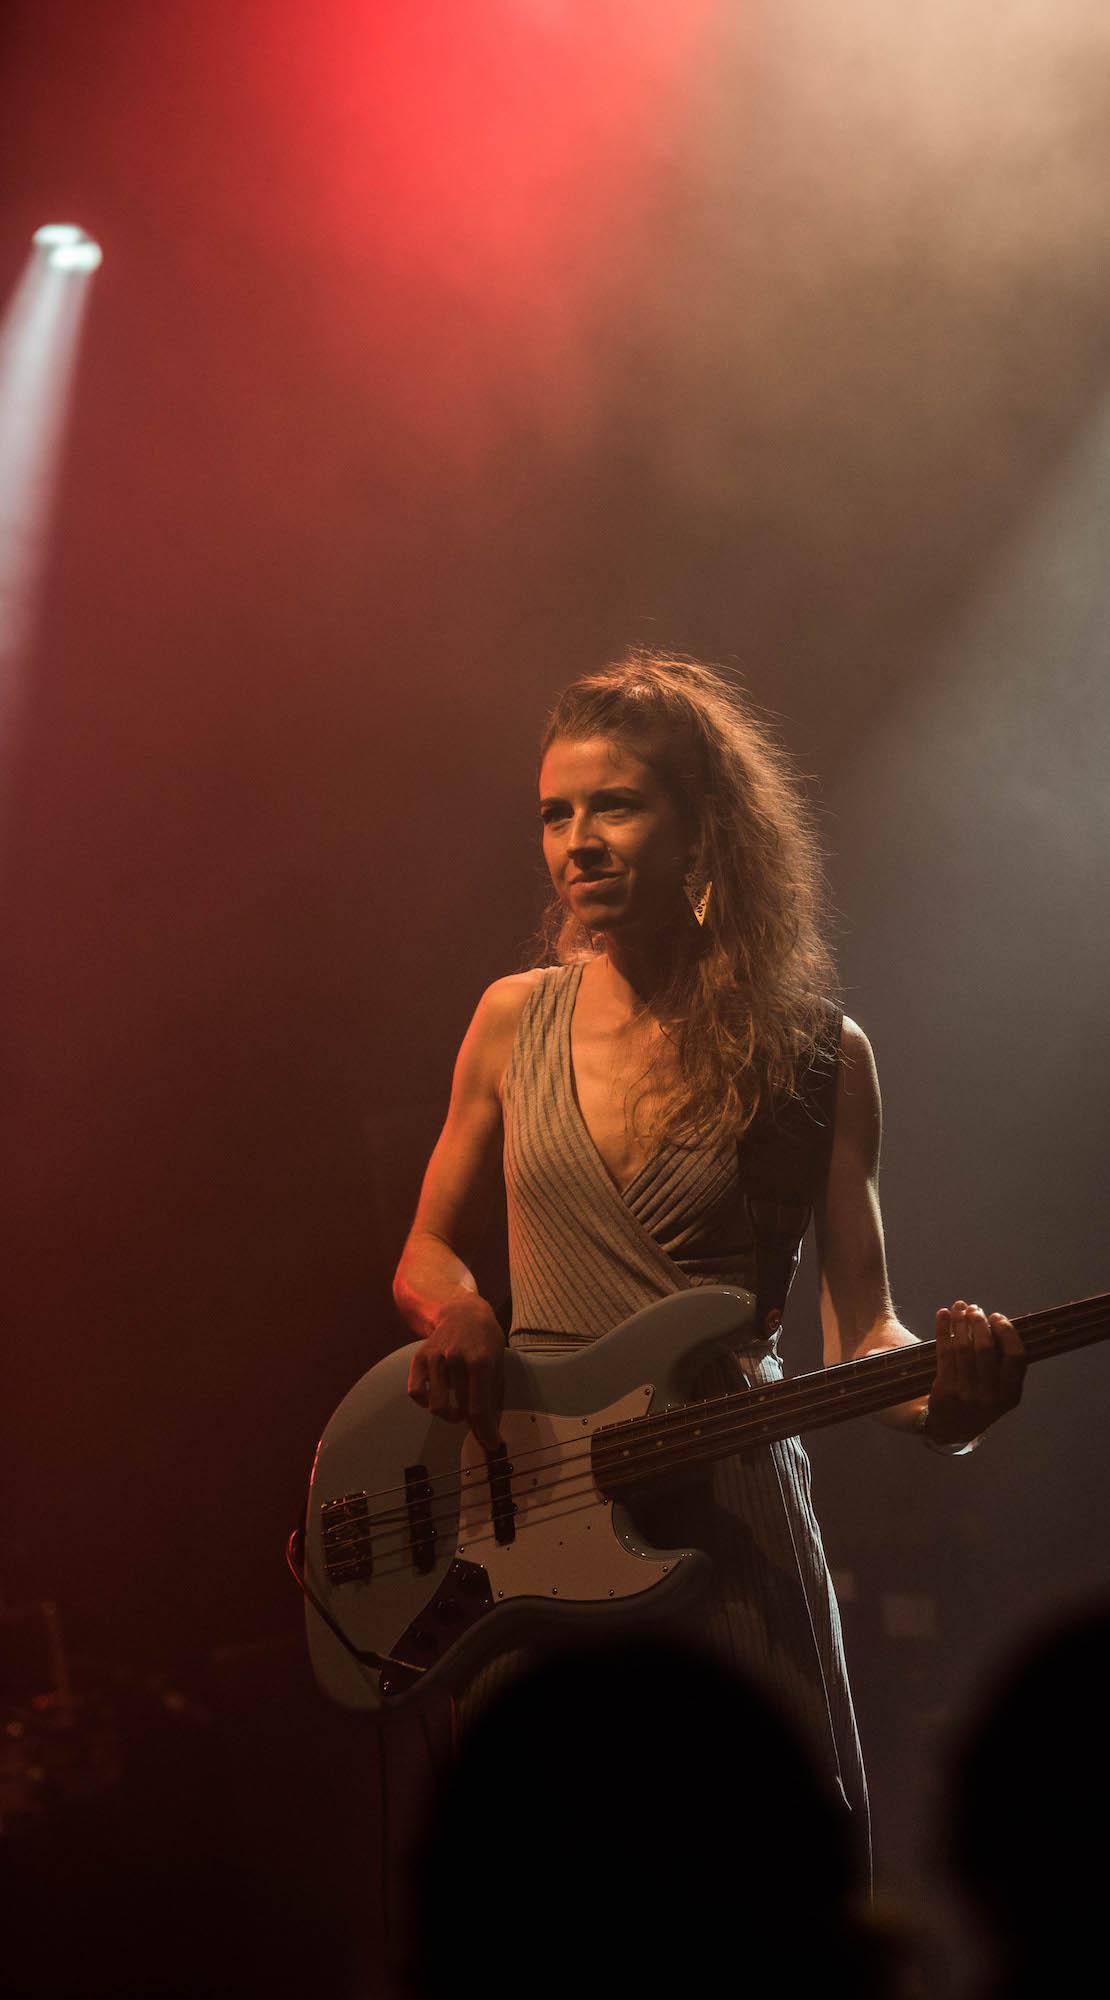 Lia Low, die bei Zid am Bass stand, ist ebenfalls ein bekannter Name.